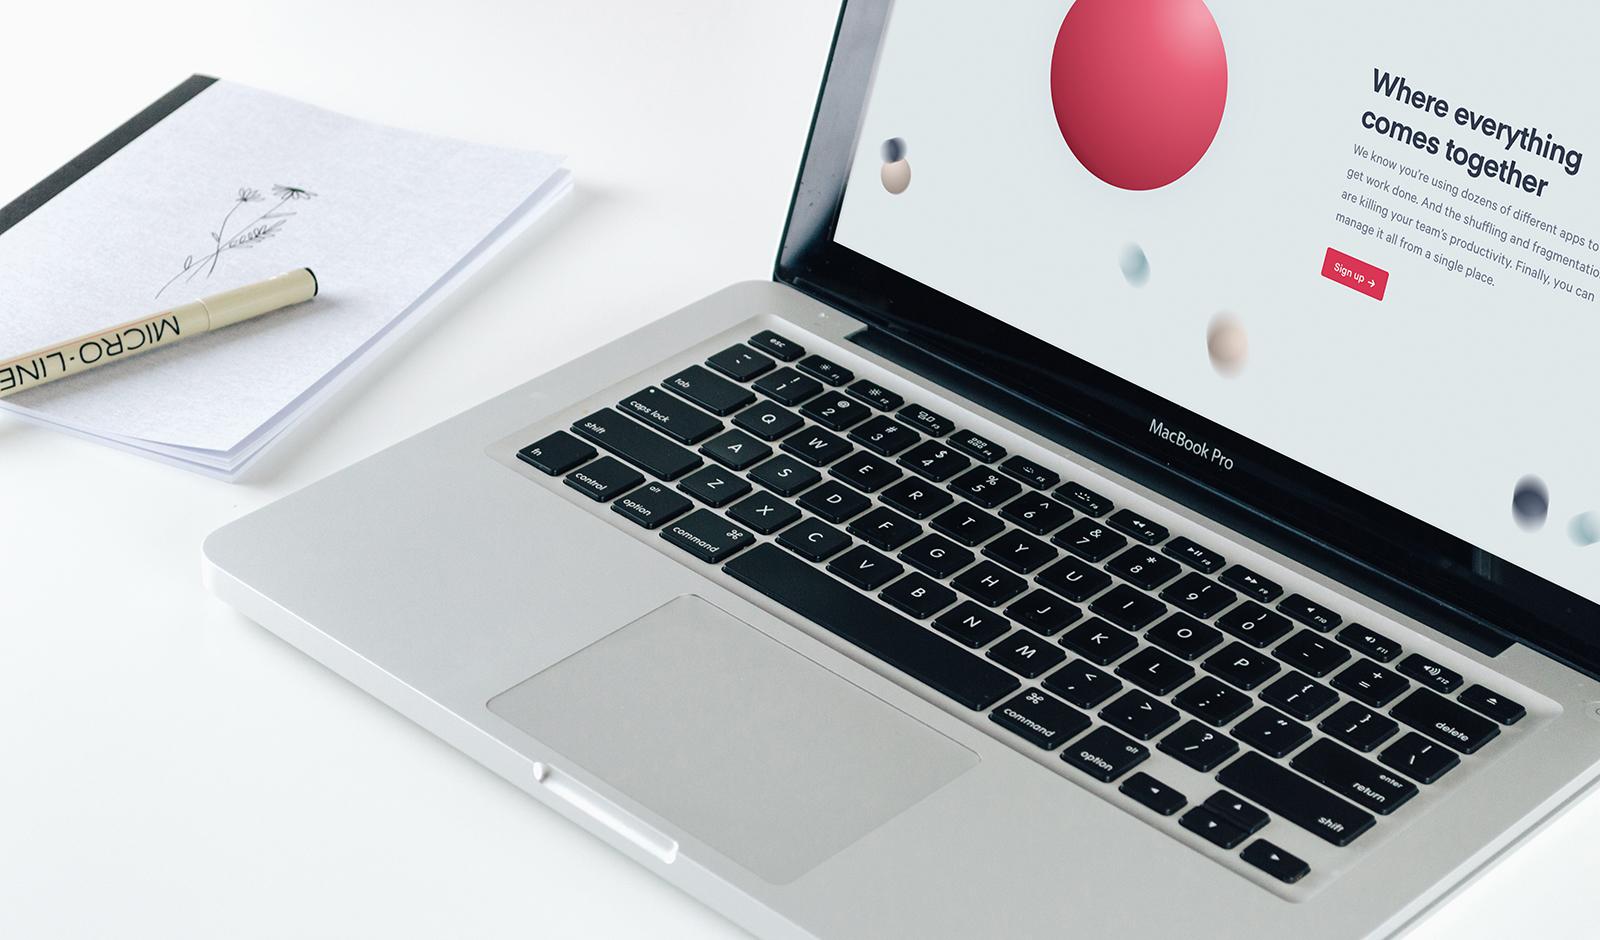 Scoro website x macbook